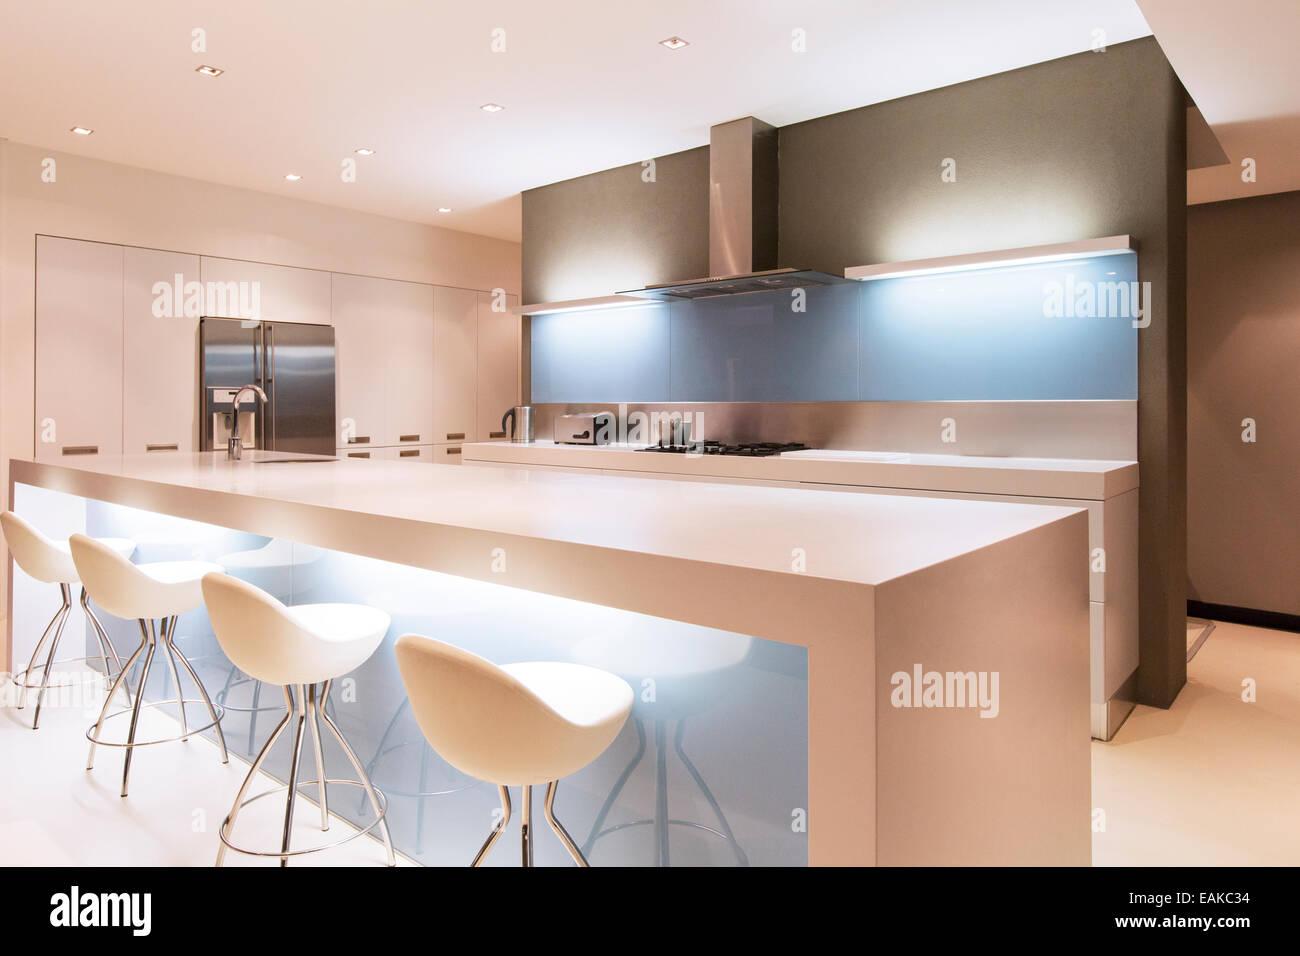 Bianca e moderna cucina con isola e sgabelli illuminata di notte